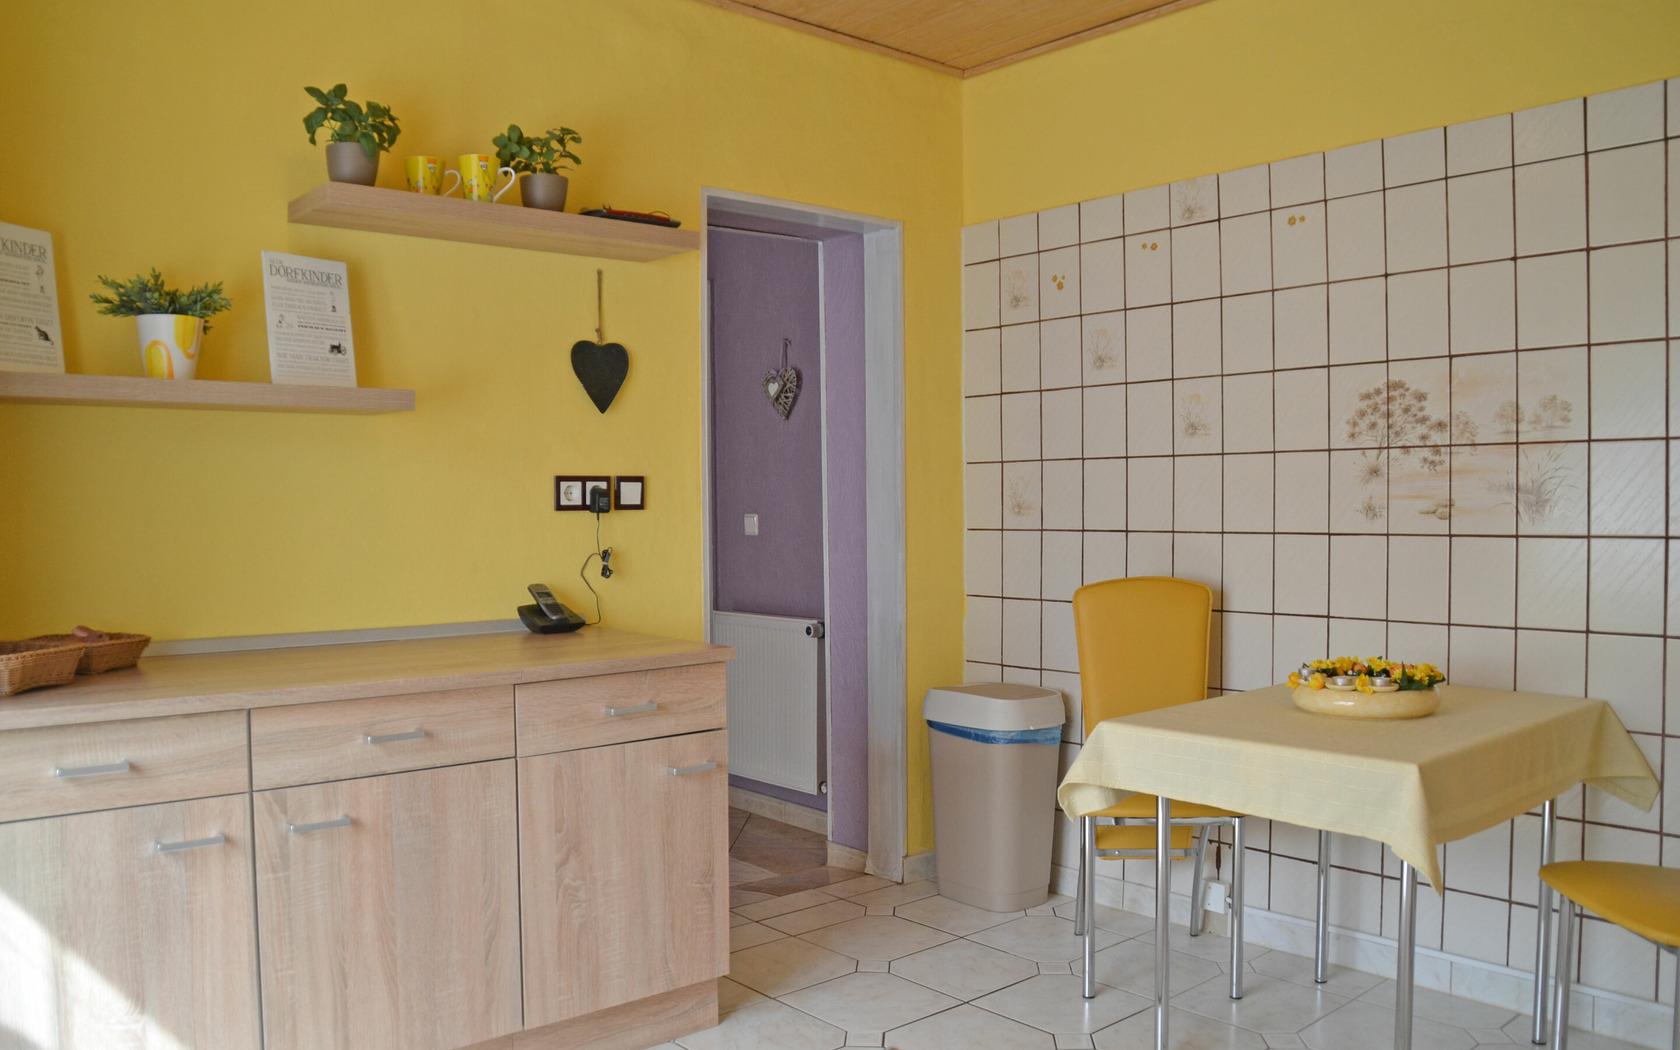 Ferienhaus Hasenland, Küche, Foto: MuT Guben